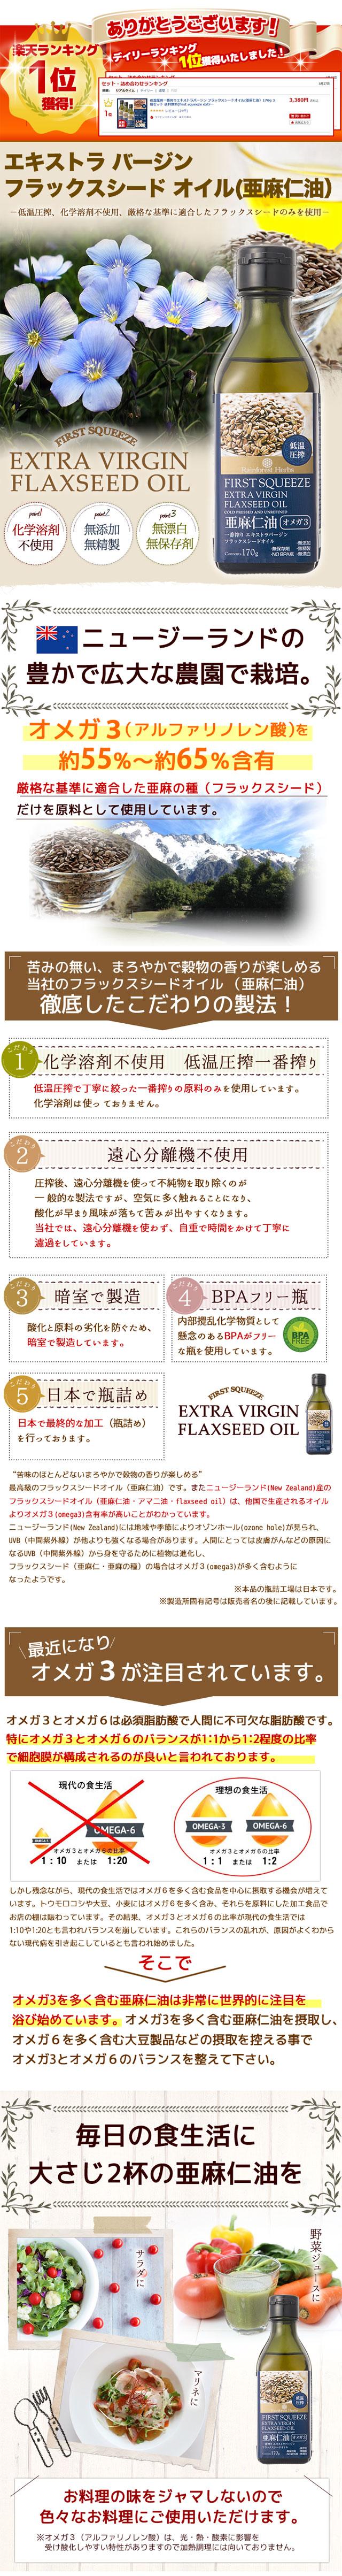 アルファリノレン酸 亜麻仁油 エゴマ油に豊富に含まれるαリノレン酸